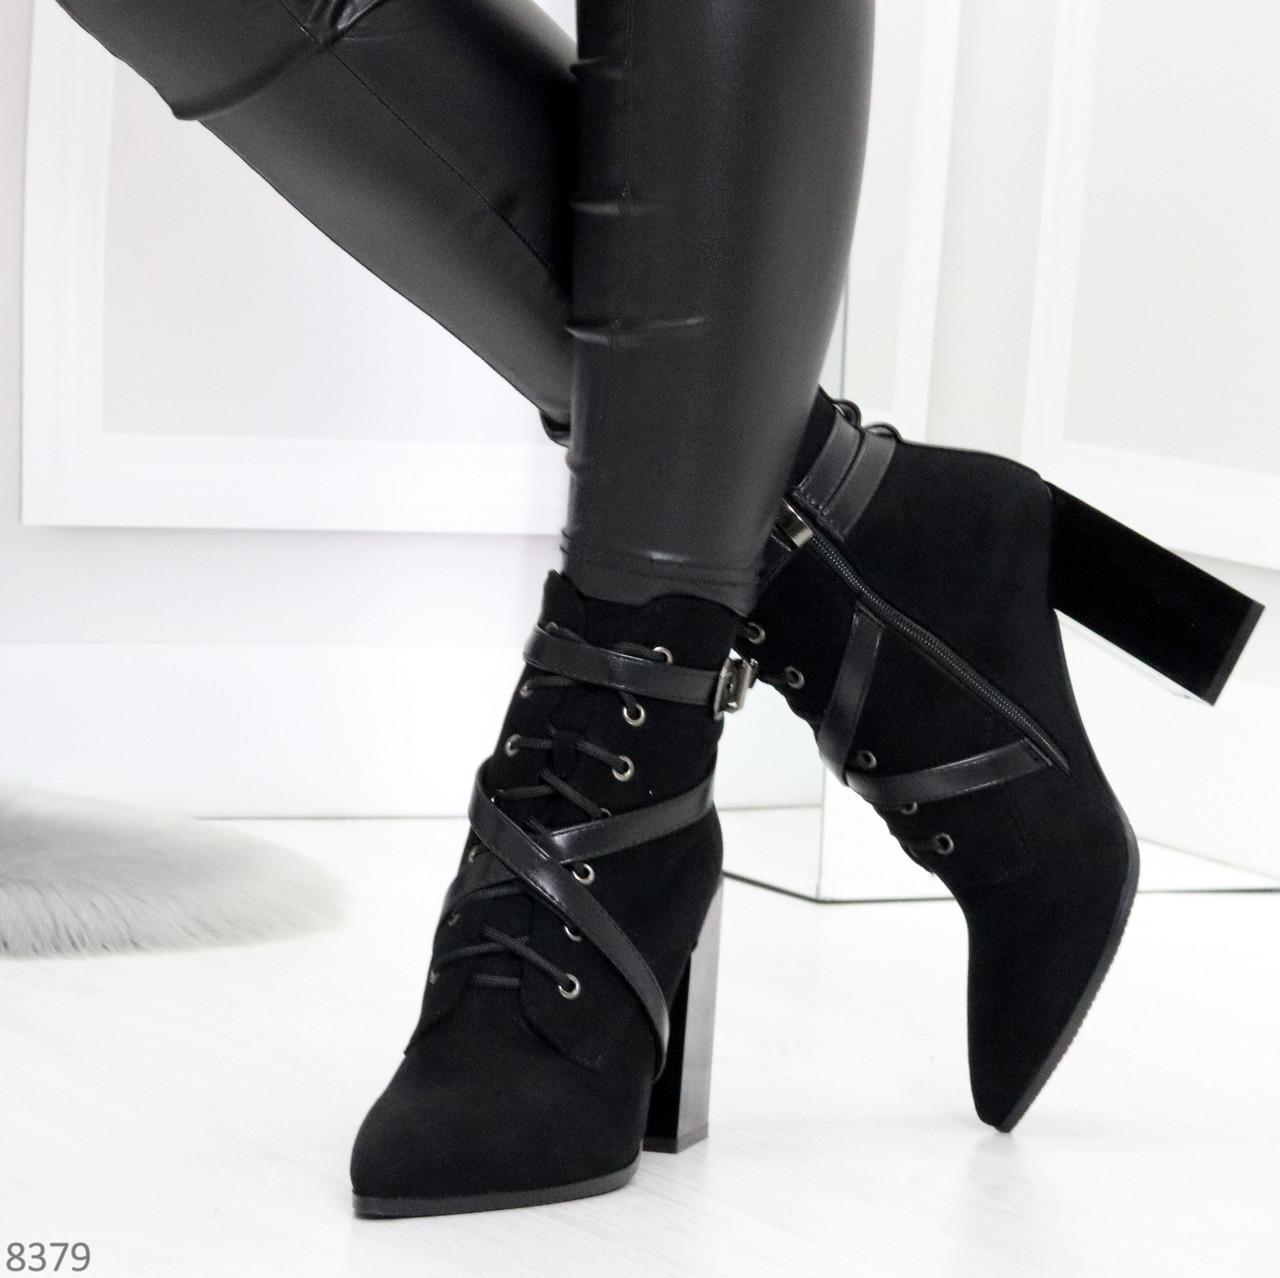 Элегантные нарядные черные замшевые женские зимние ботинки на высоком каблуке